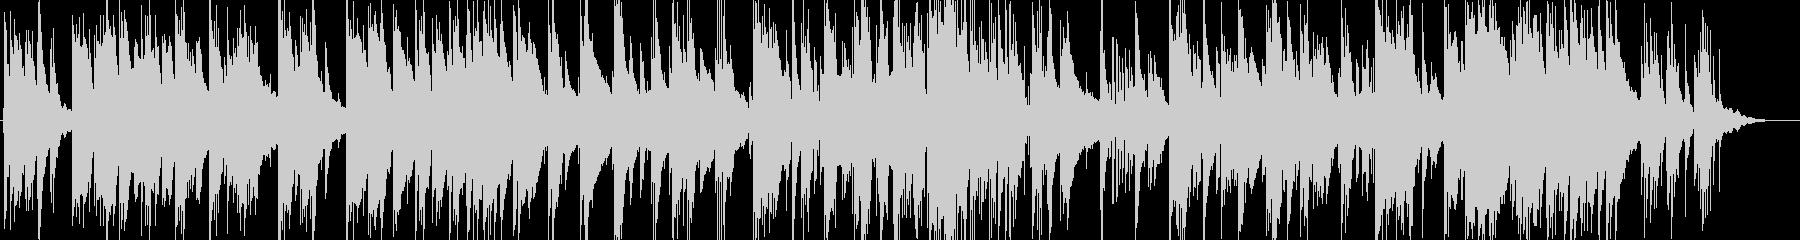 暖かい雰囲気のピアノトリオのバラードの未再生の波形